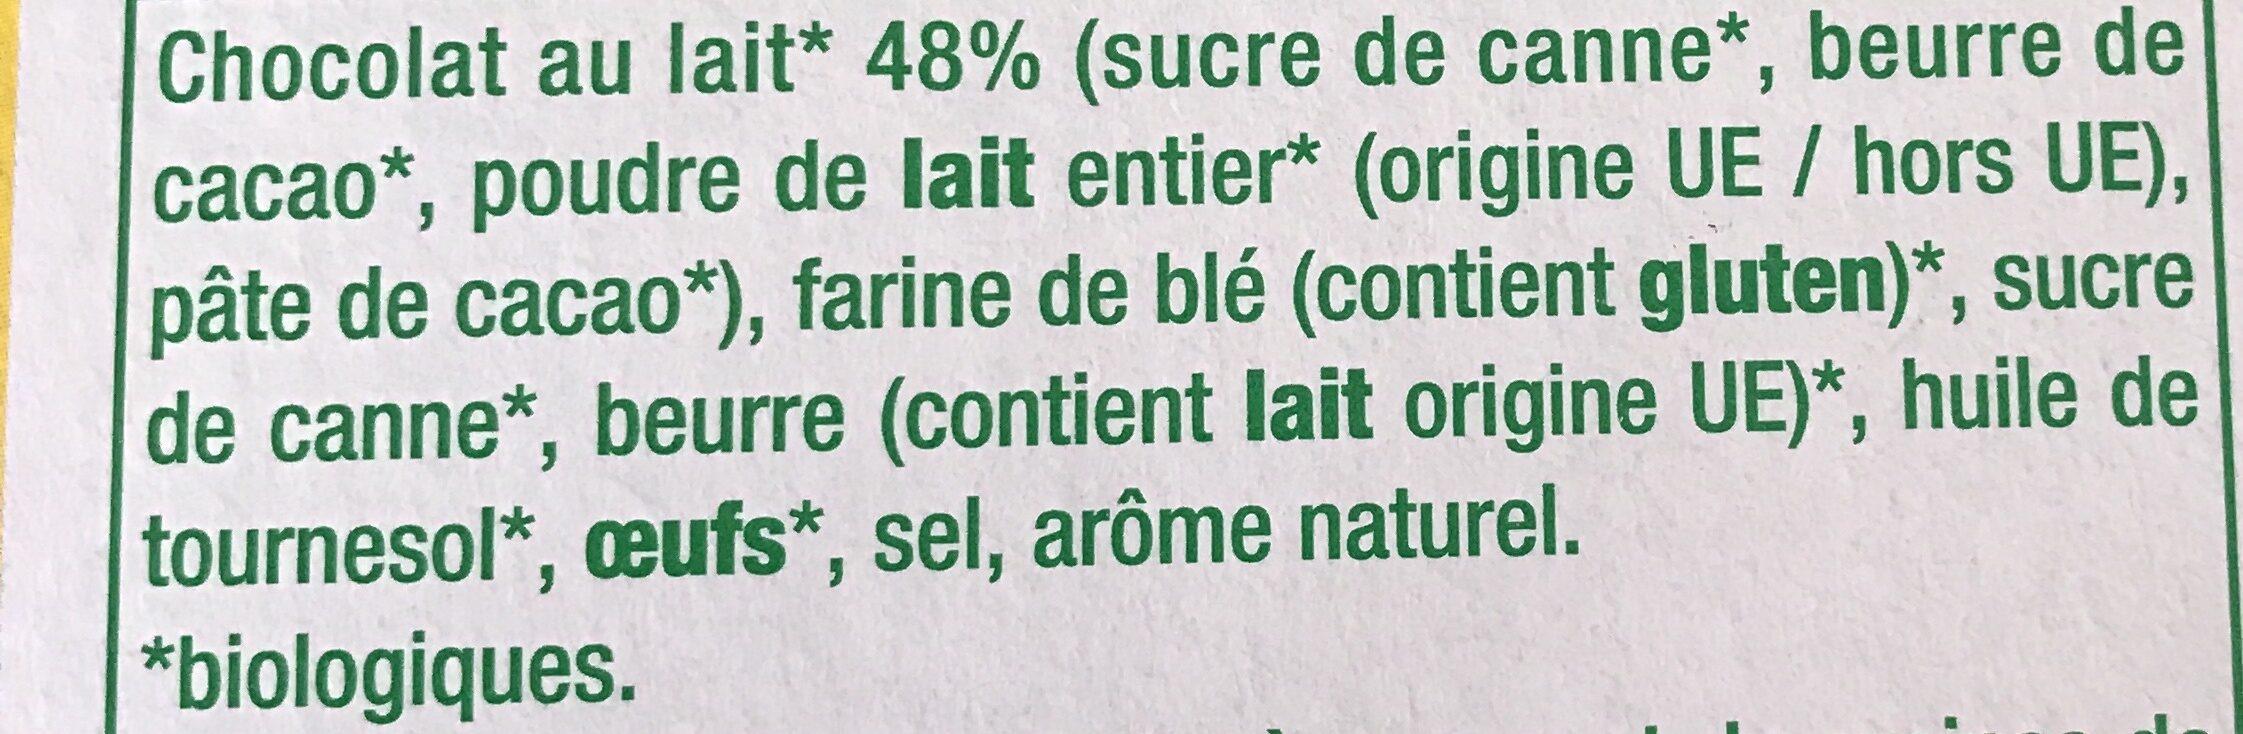 Bâtonnets chocolat au lait - Ingrédients - fr